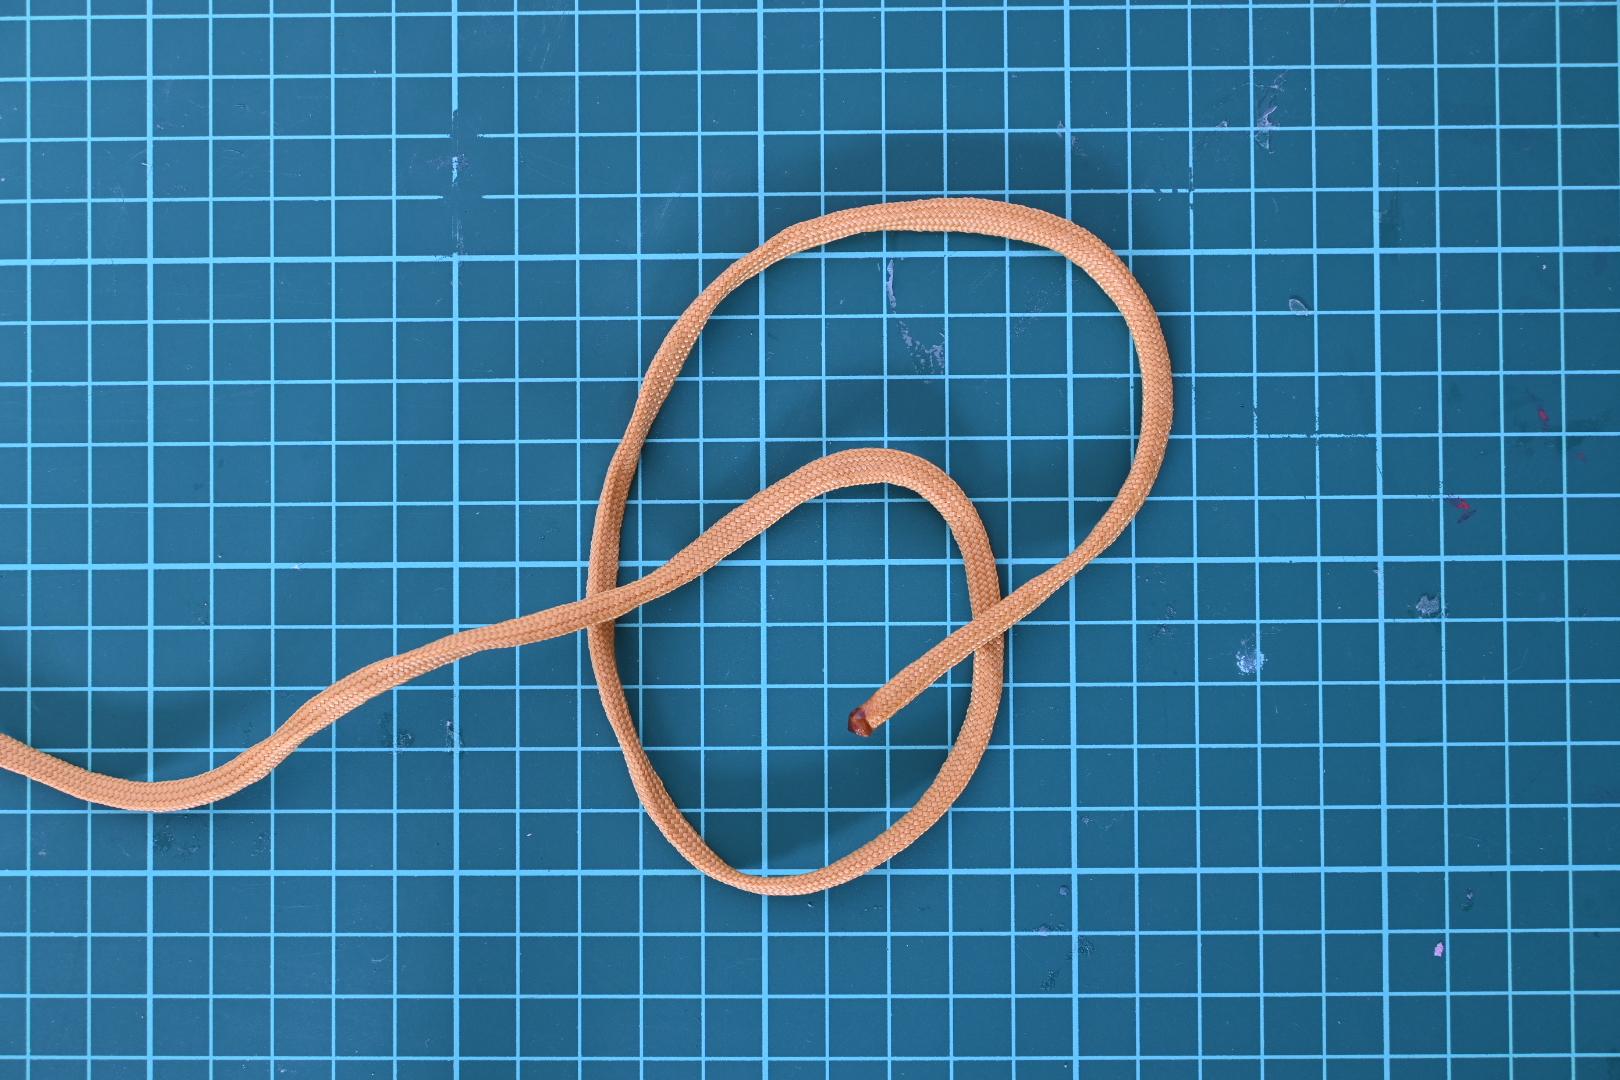 2. 輪っかを通すように(今回は上から)ロープの端を入れていきます